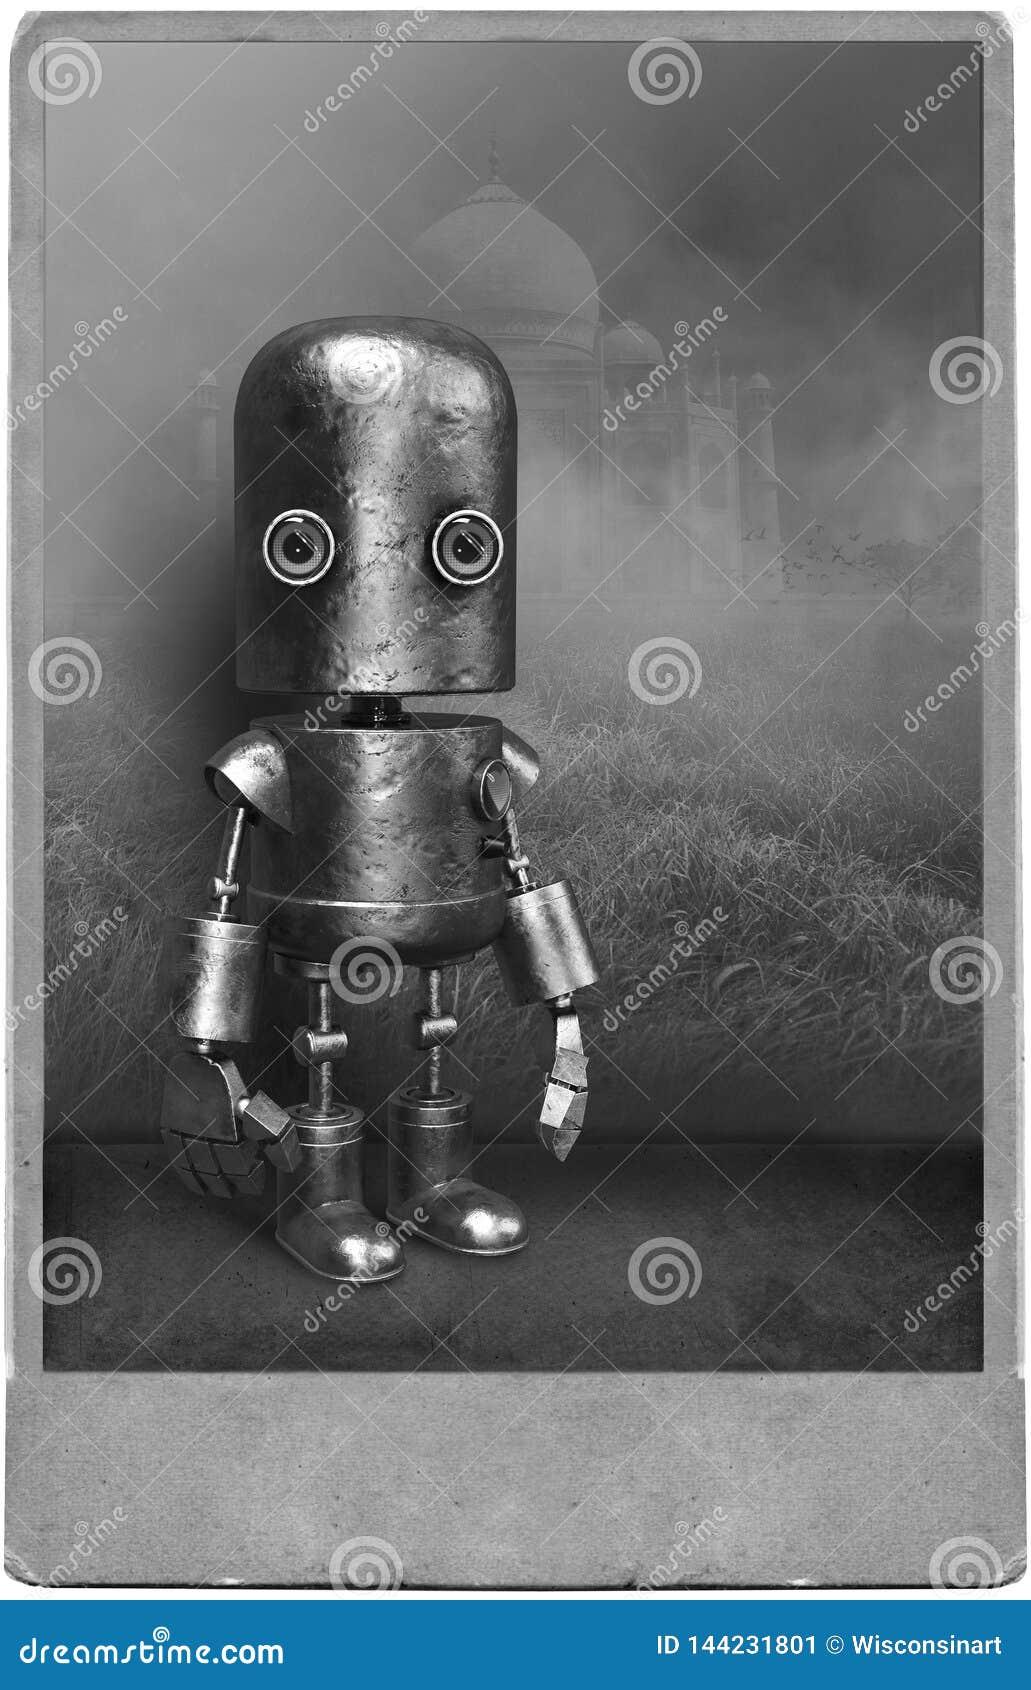 Retrato surrealista del robot del vintage, hombre mecánico